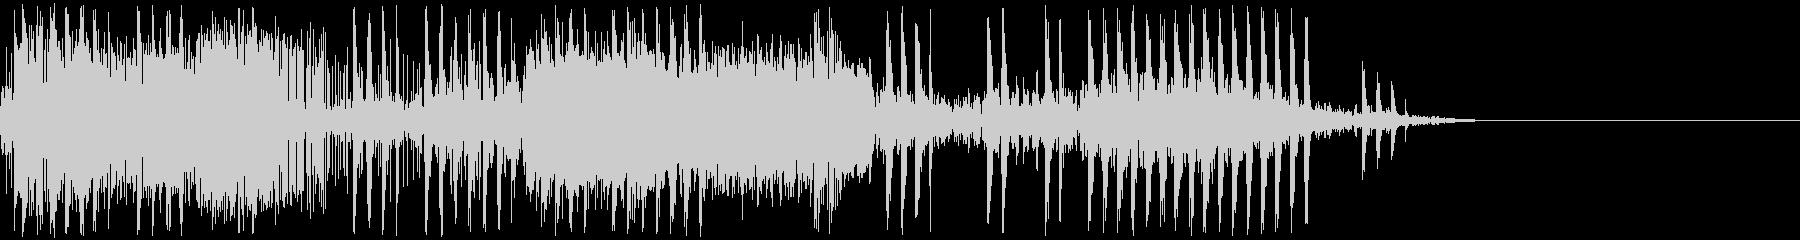 電気ショック/感電/ビリビリ/ビビビの未再生の波形